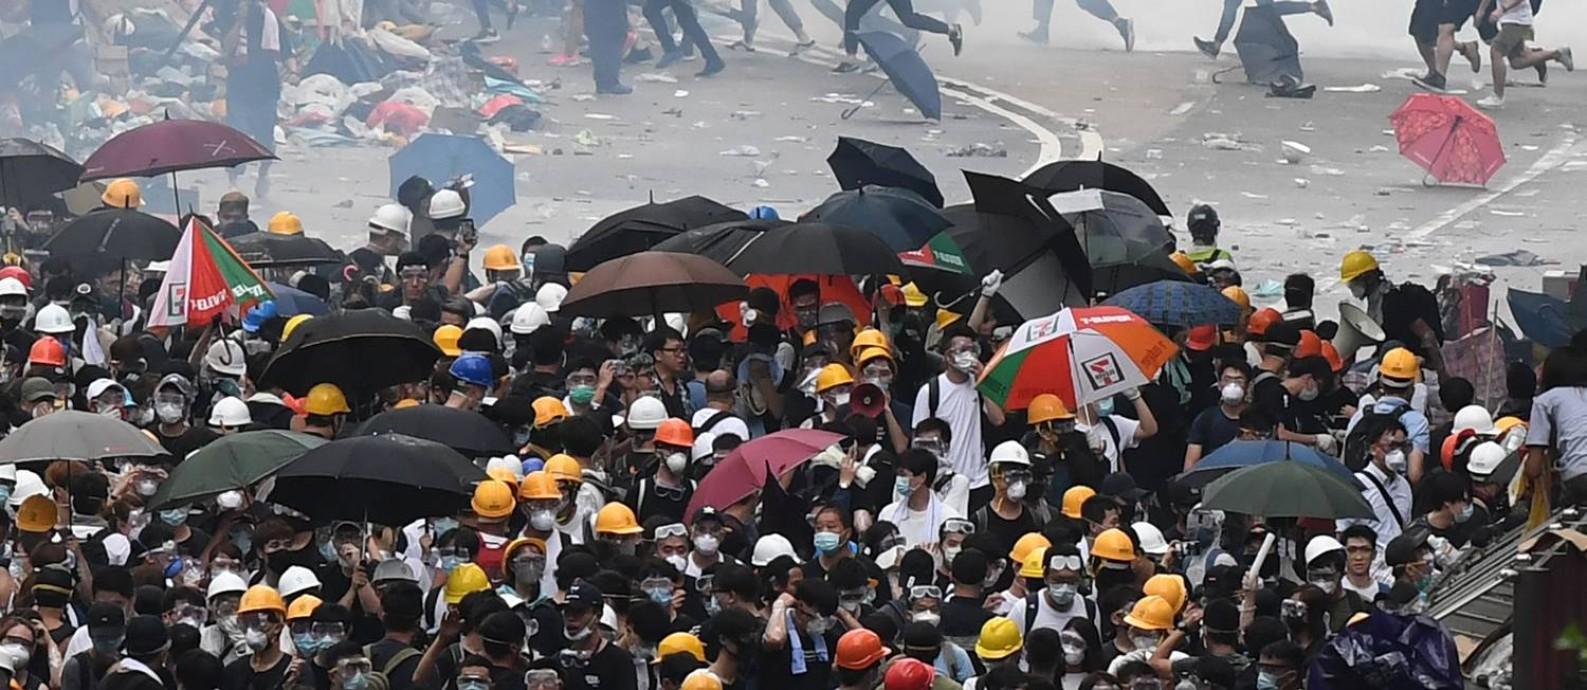 Manifestantes correm após a polícia usar gás de efeito lacrimogênio Foto: ANTHONY WALLACE / AFP